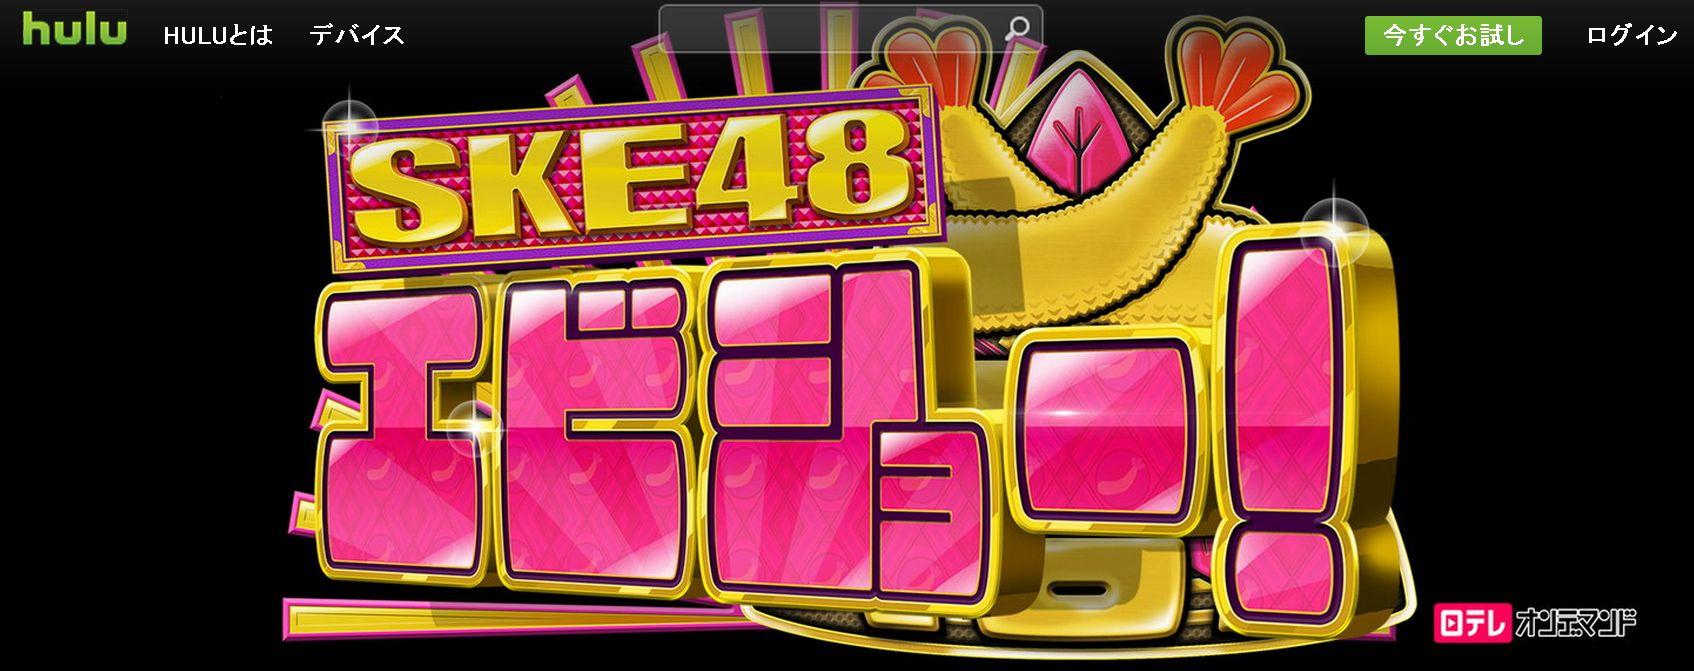 SKE48エビショー (3)